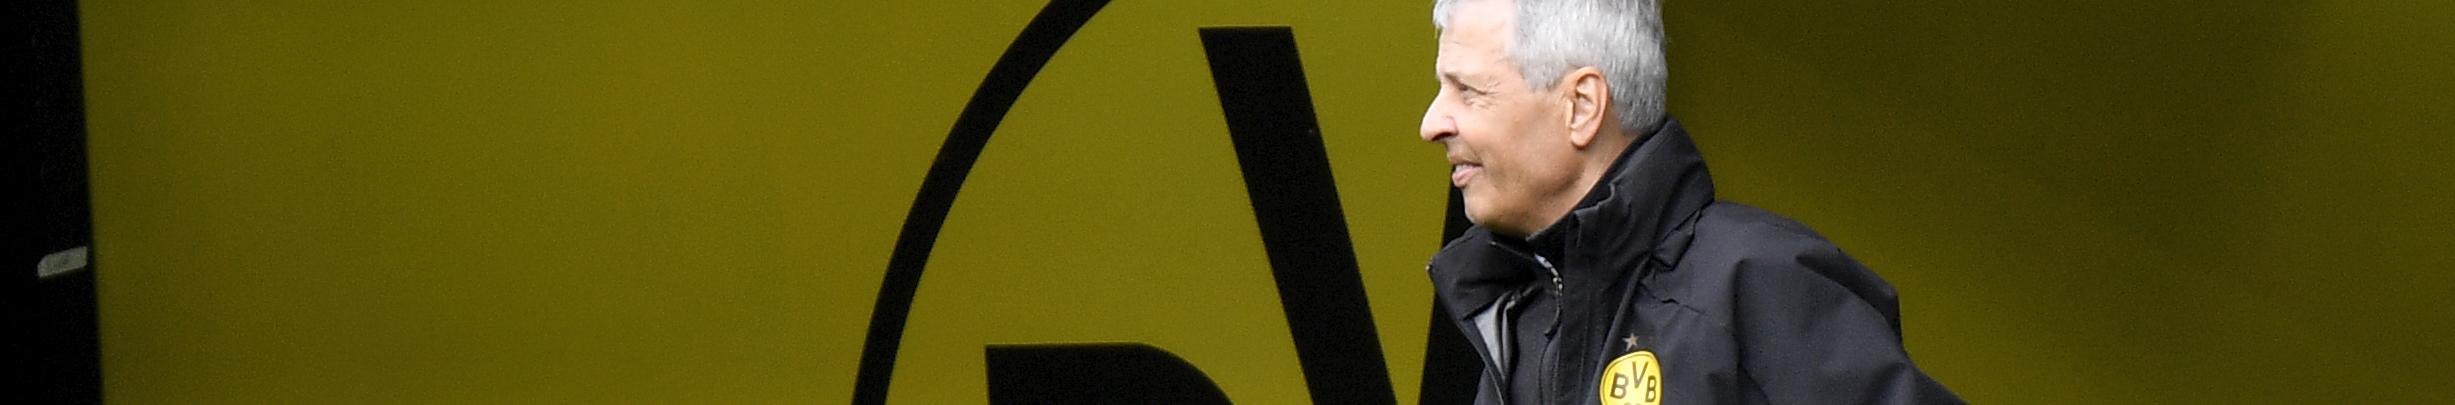 Quote Paderborn-Borussia Dortmund: Favre vuole tenere al sicuro il 2° posto